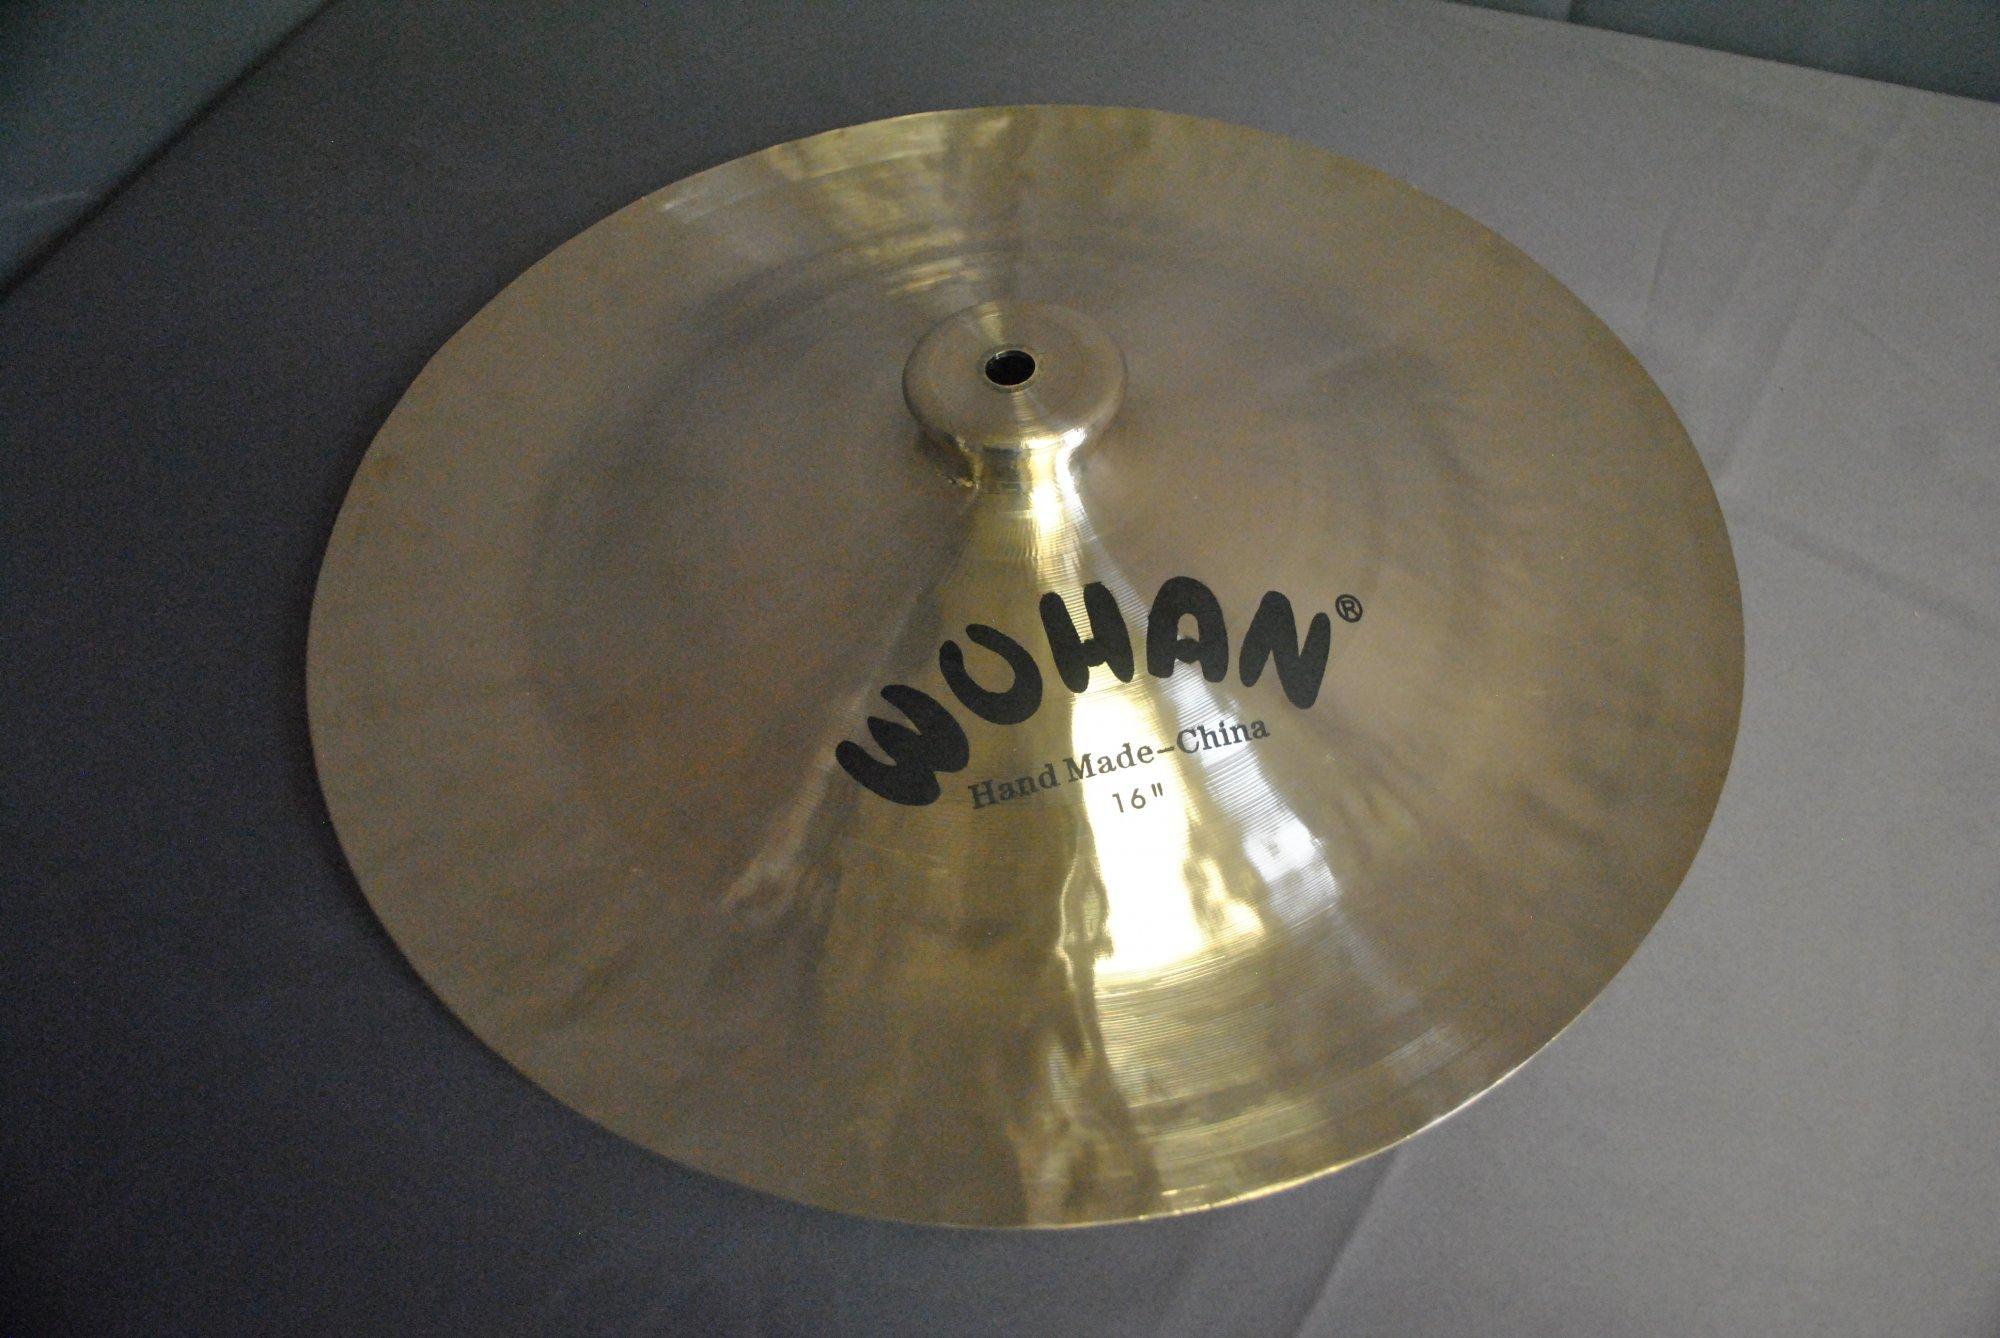 Wuhan Cymbal, 16